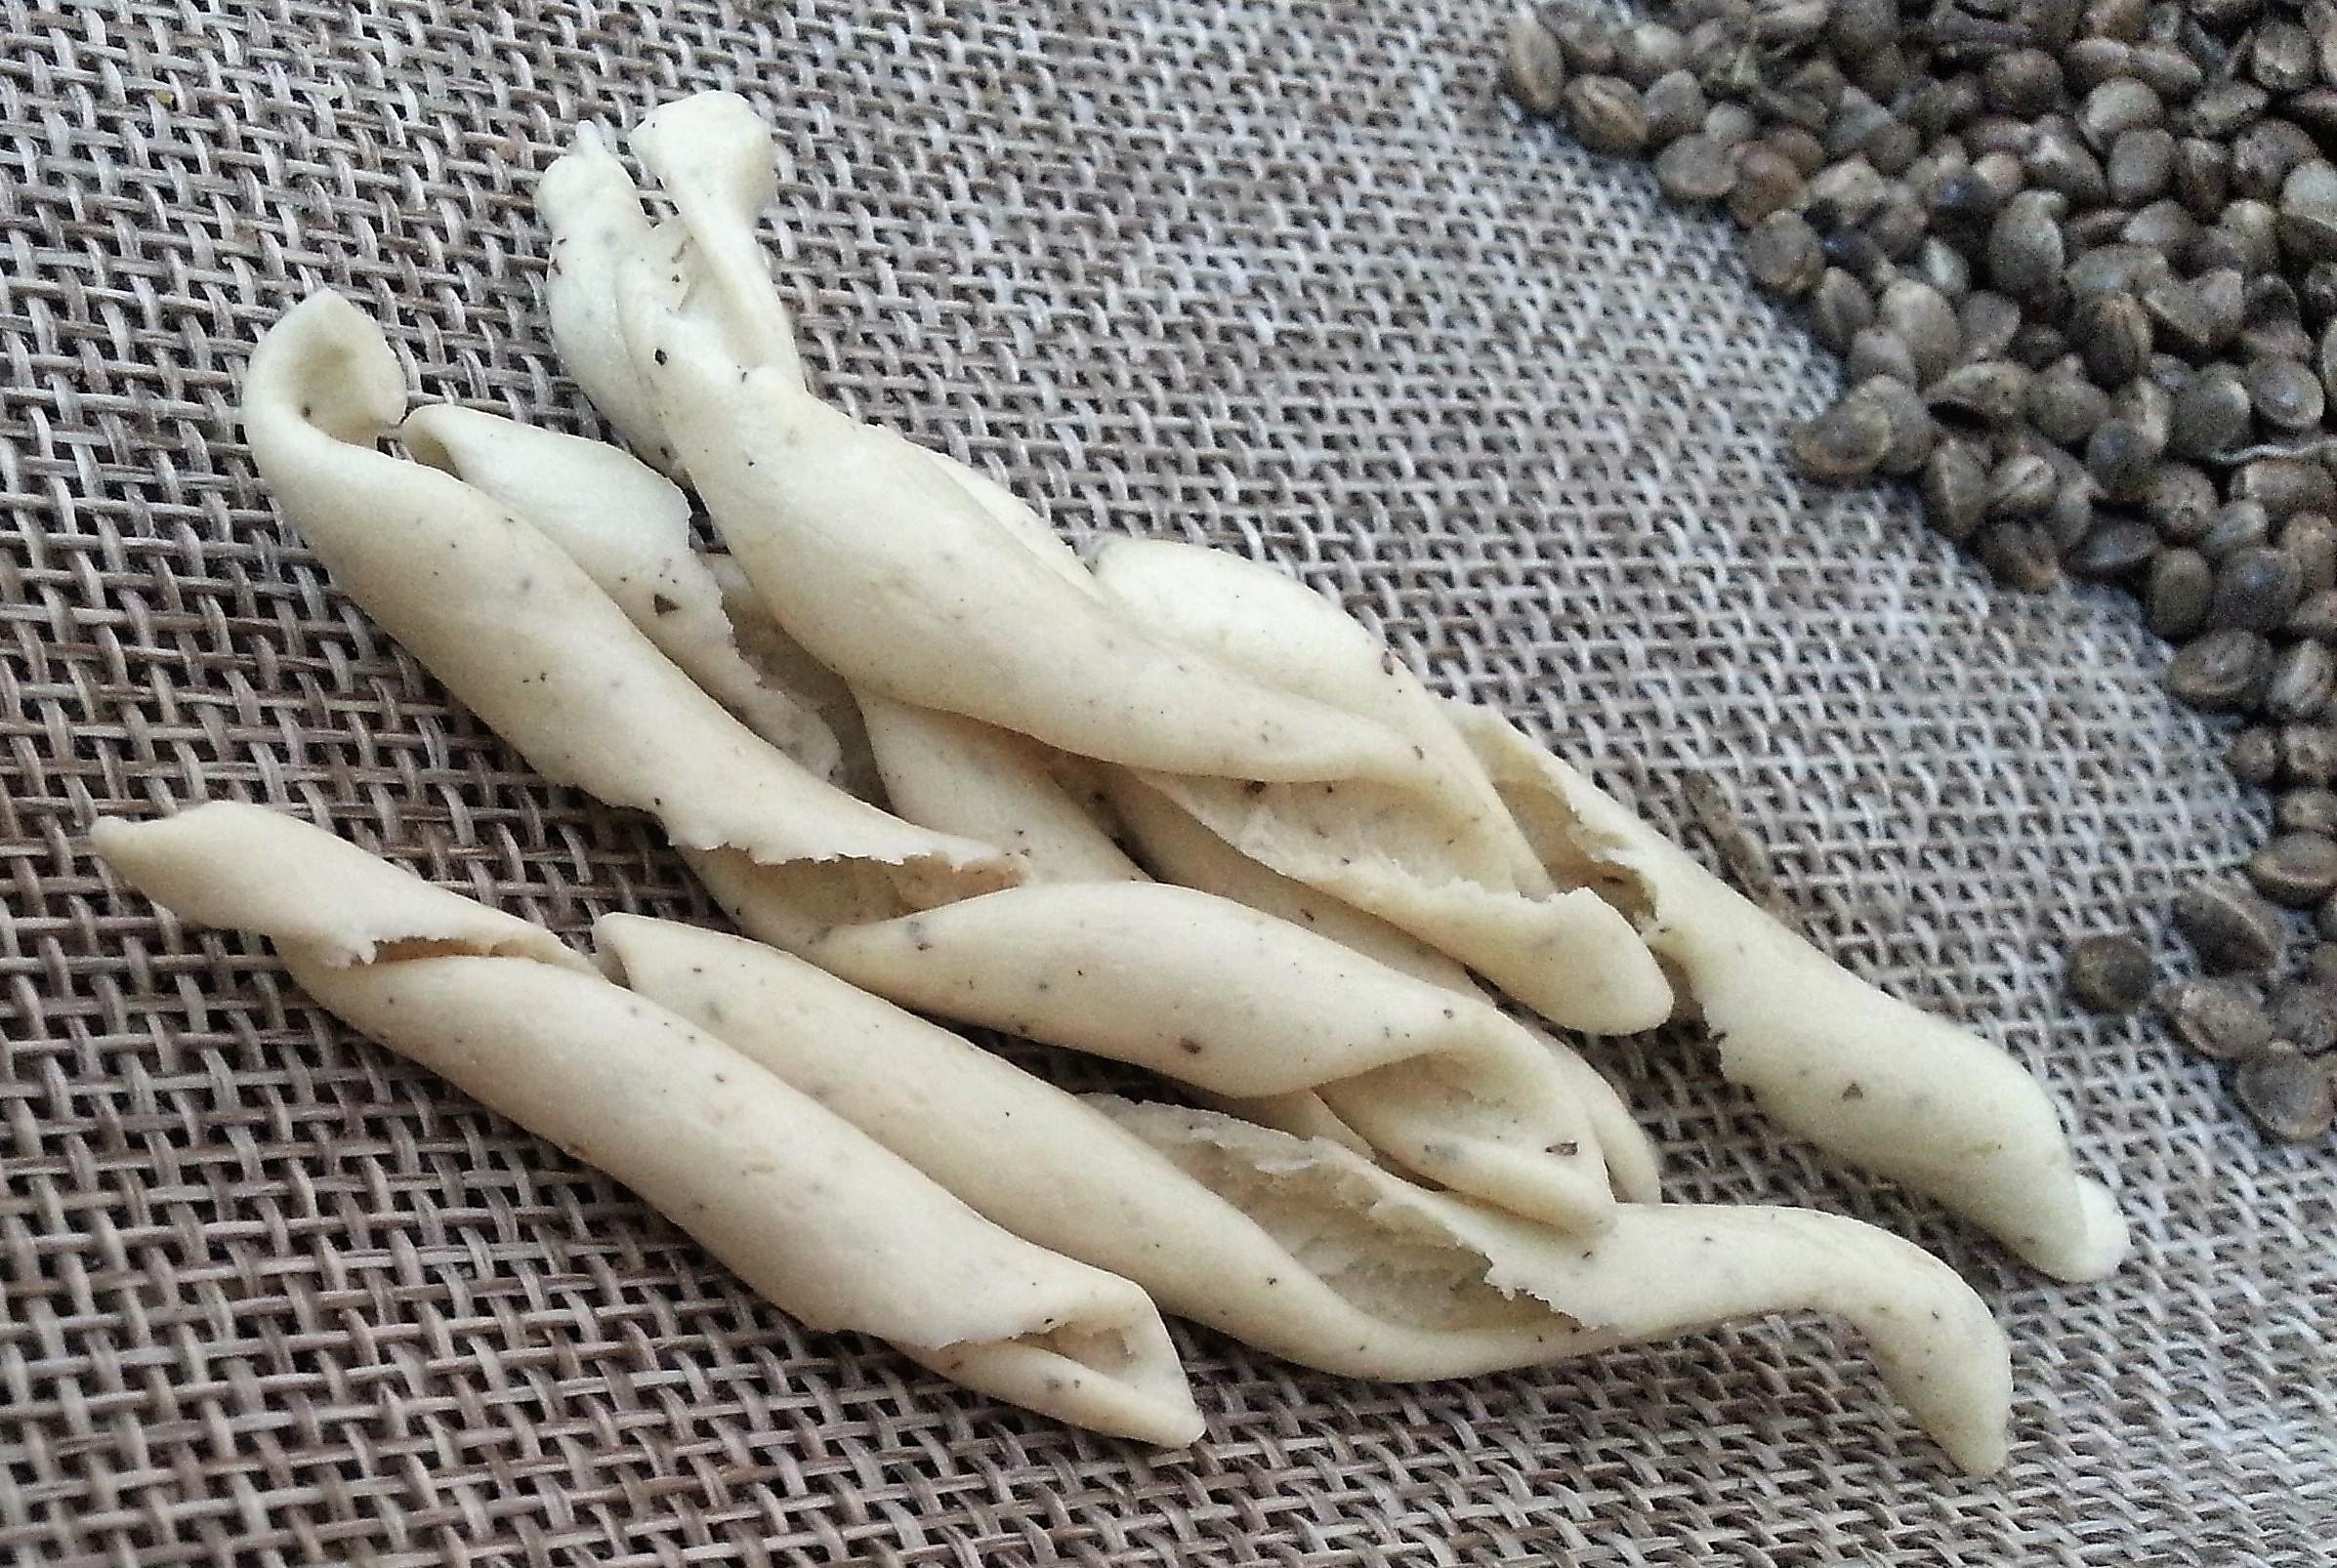 Strozzapreti artigianali con farina di semi interi di Canapa e grano duro italiano